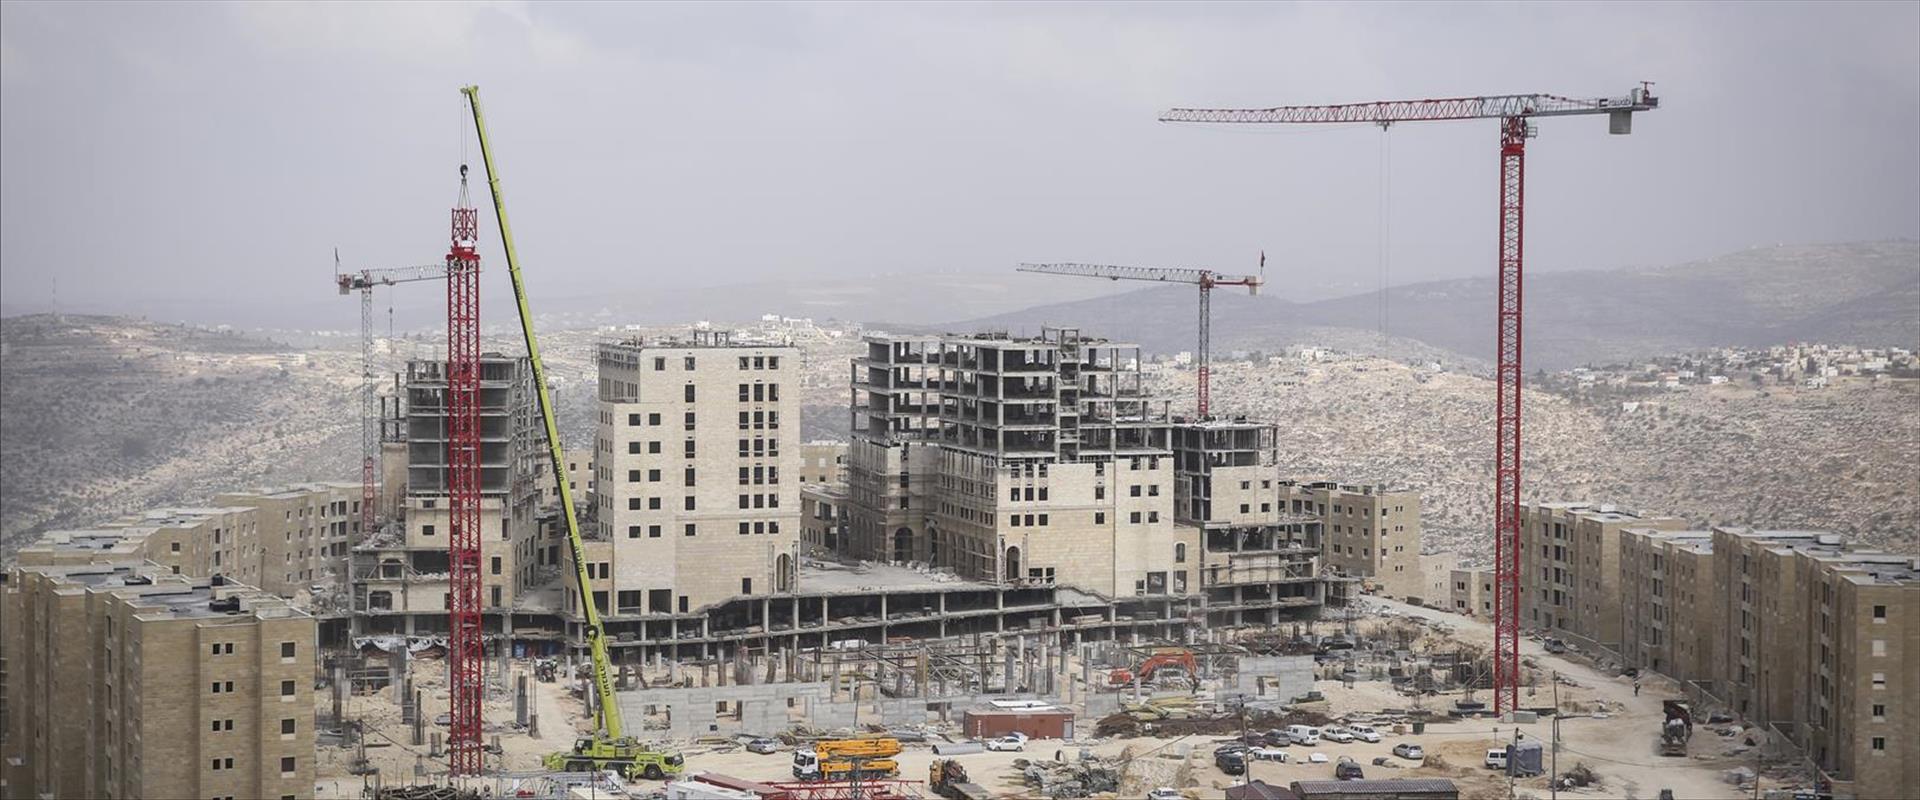 """בנייה פלסטינית ביו""""ש"""